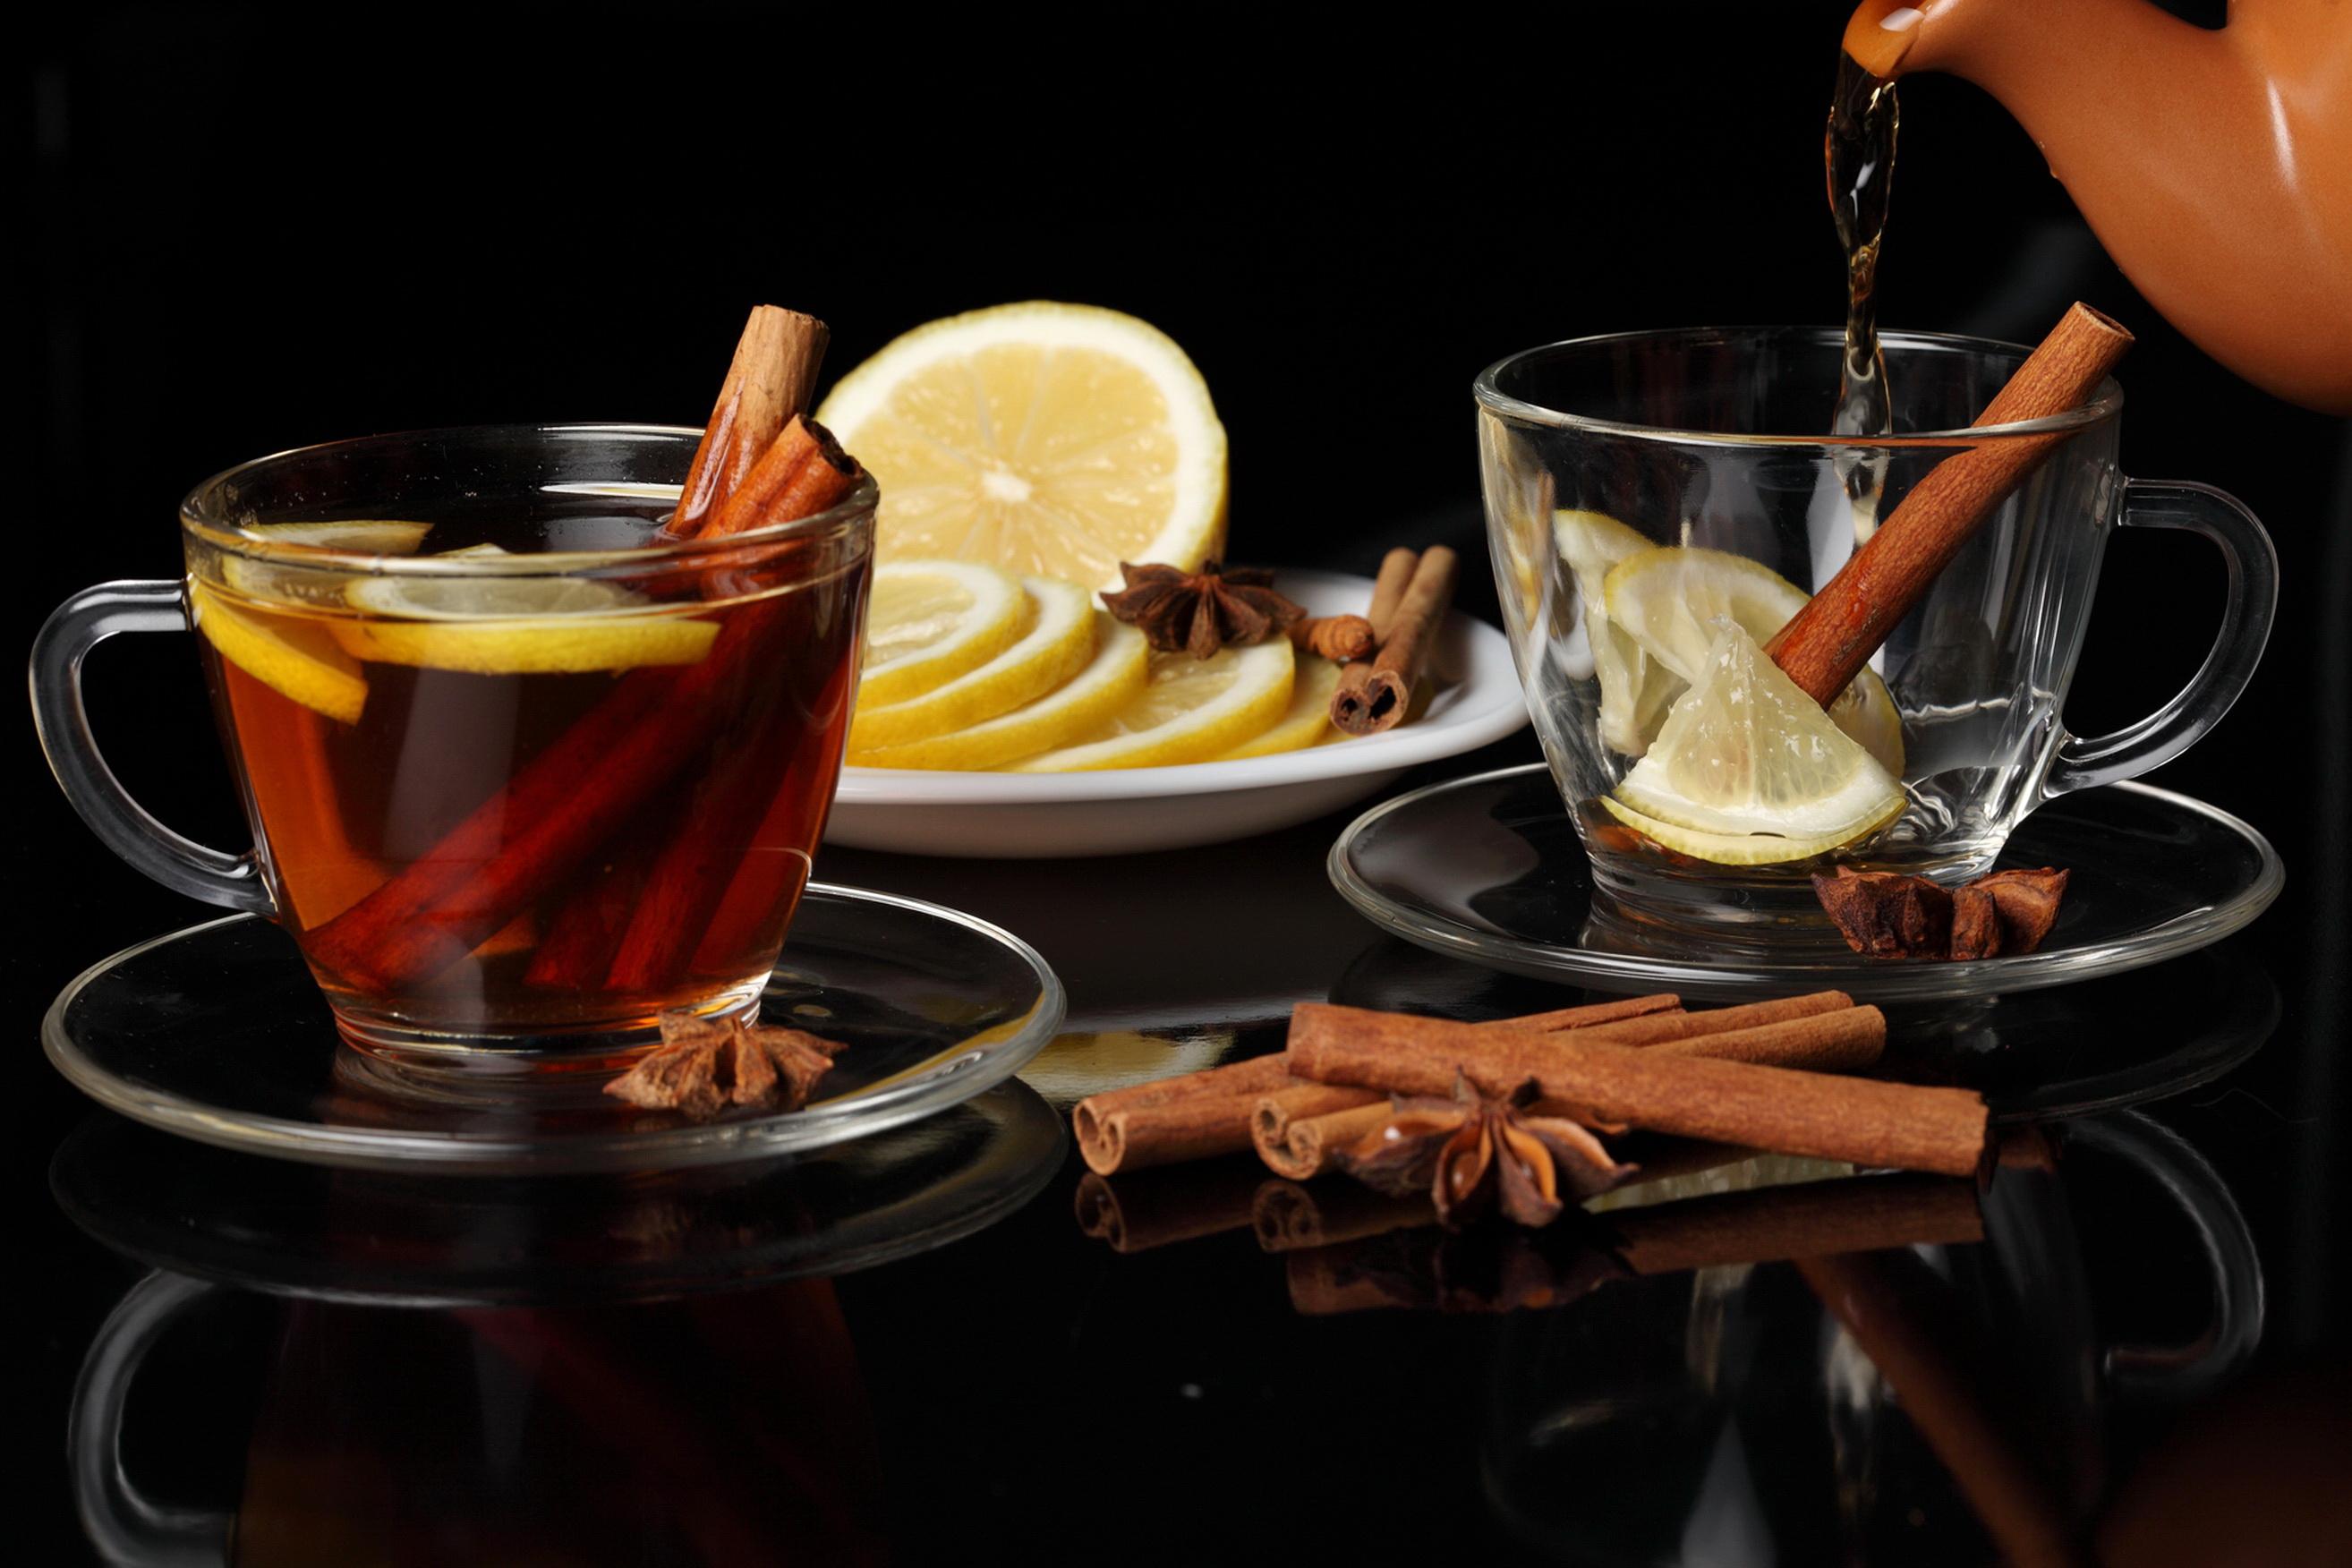 хлеб чай кружка чайник масло  № 2118910 без смс